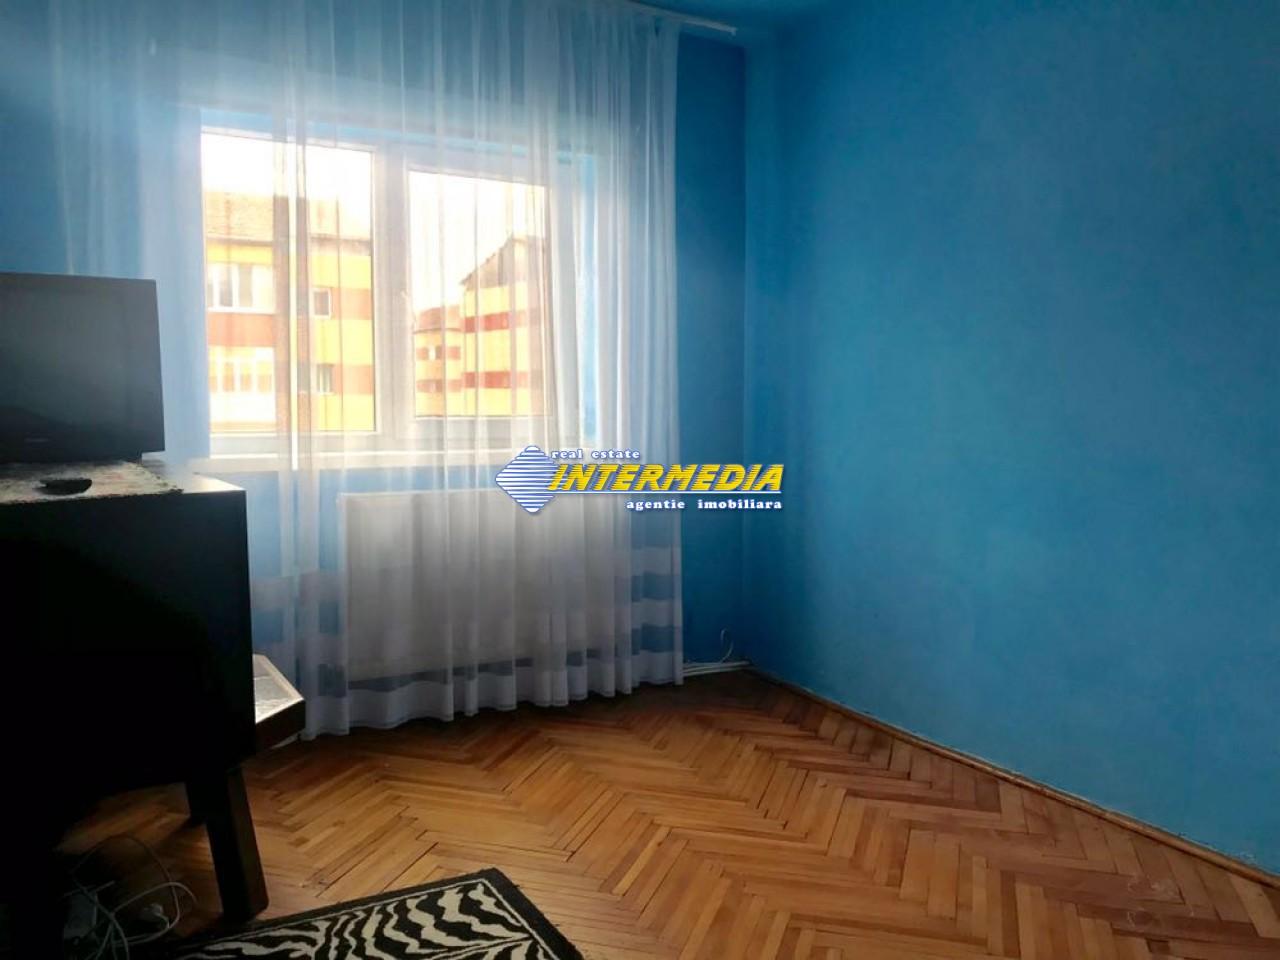 3 camere decomandat de Inchiriat in Cetate Alba Iulia-25574-9